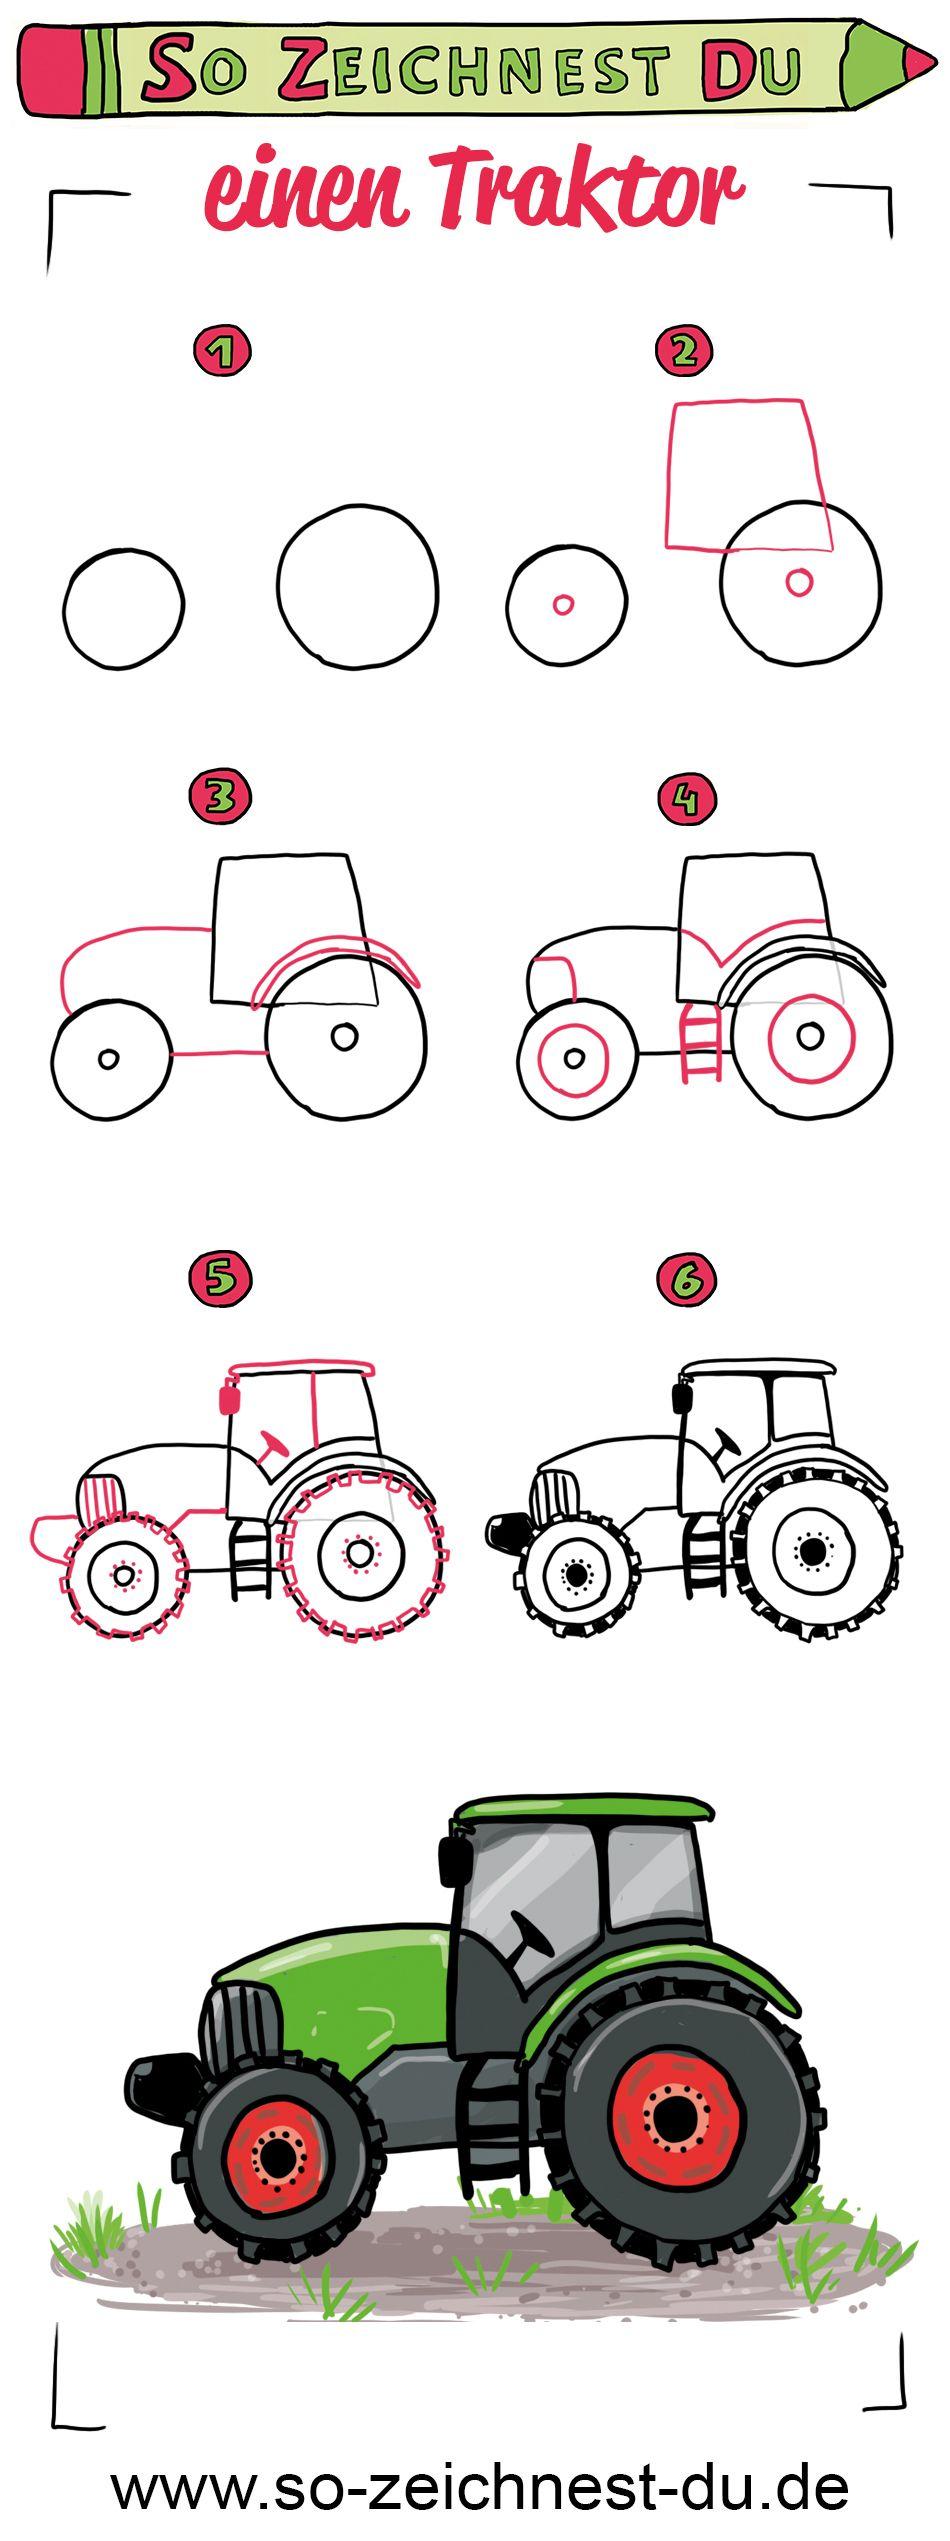 So zeichnest du einen Traktor. Mit unserer Zeichenschule zum Thema Bauernhof kannst du jetzt ganz einfach deinen eigenen Traktor zeichnen lernen. #sozeichnestdu #zeichnenlernen #traktor #zeichenschule #bemaltekieselsteine